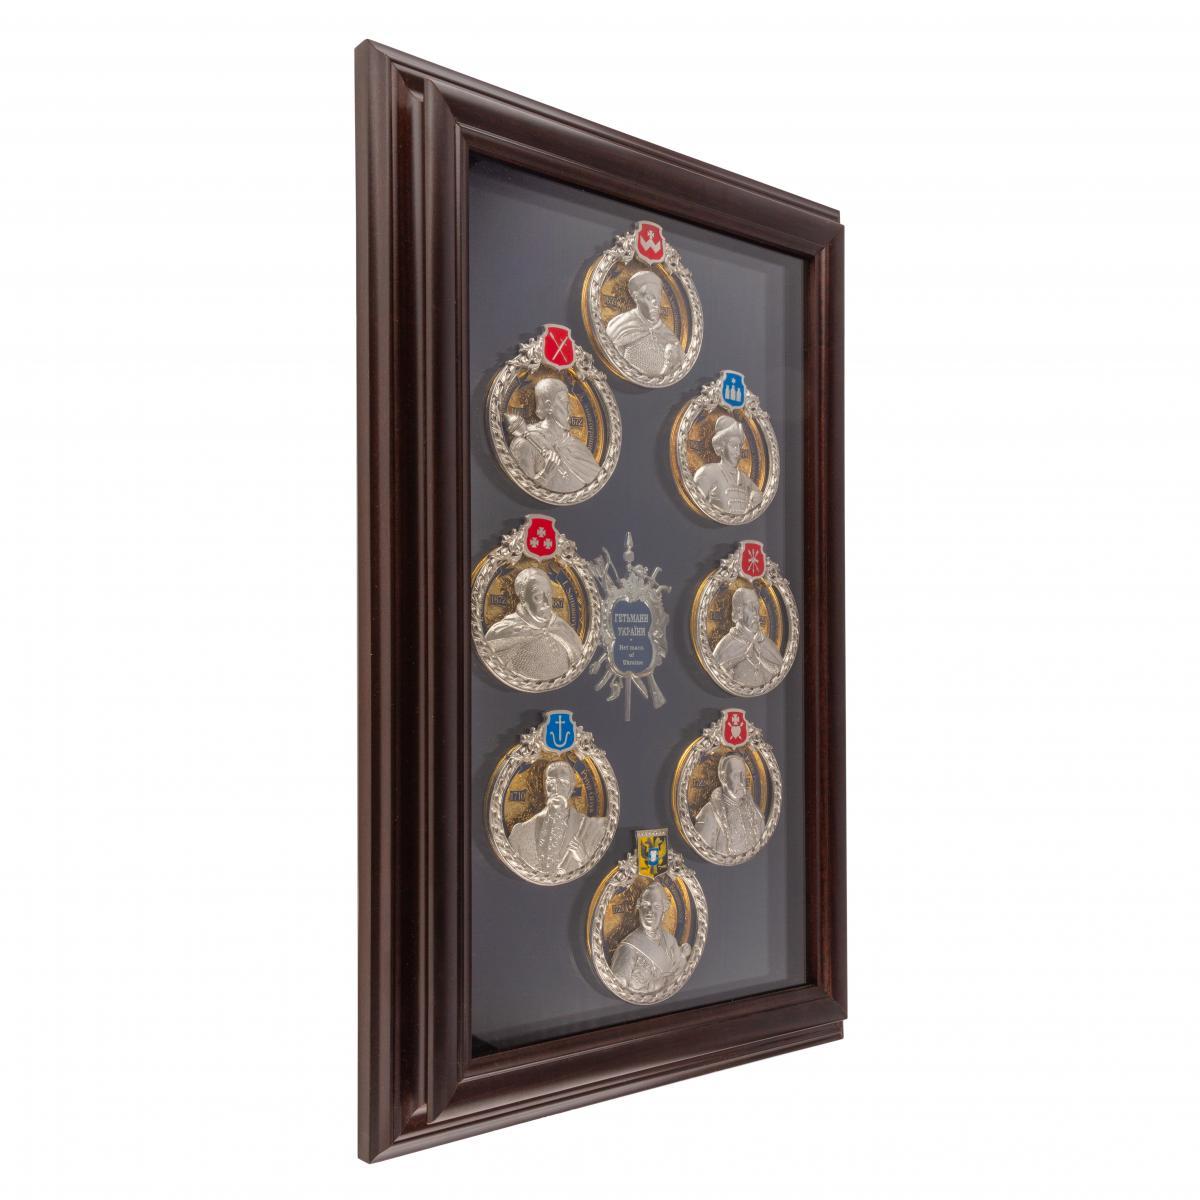 Подарочный сувенир Гетманы Украины. Фото №2. | Народный дом Украина